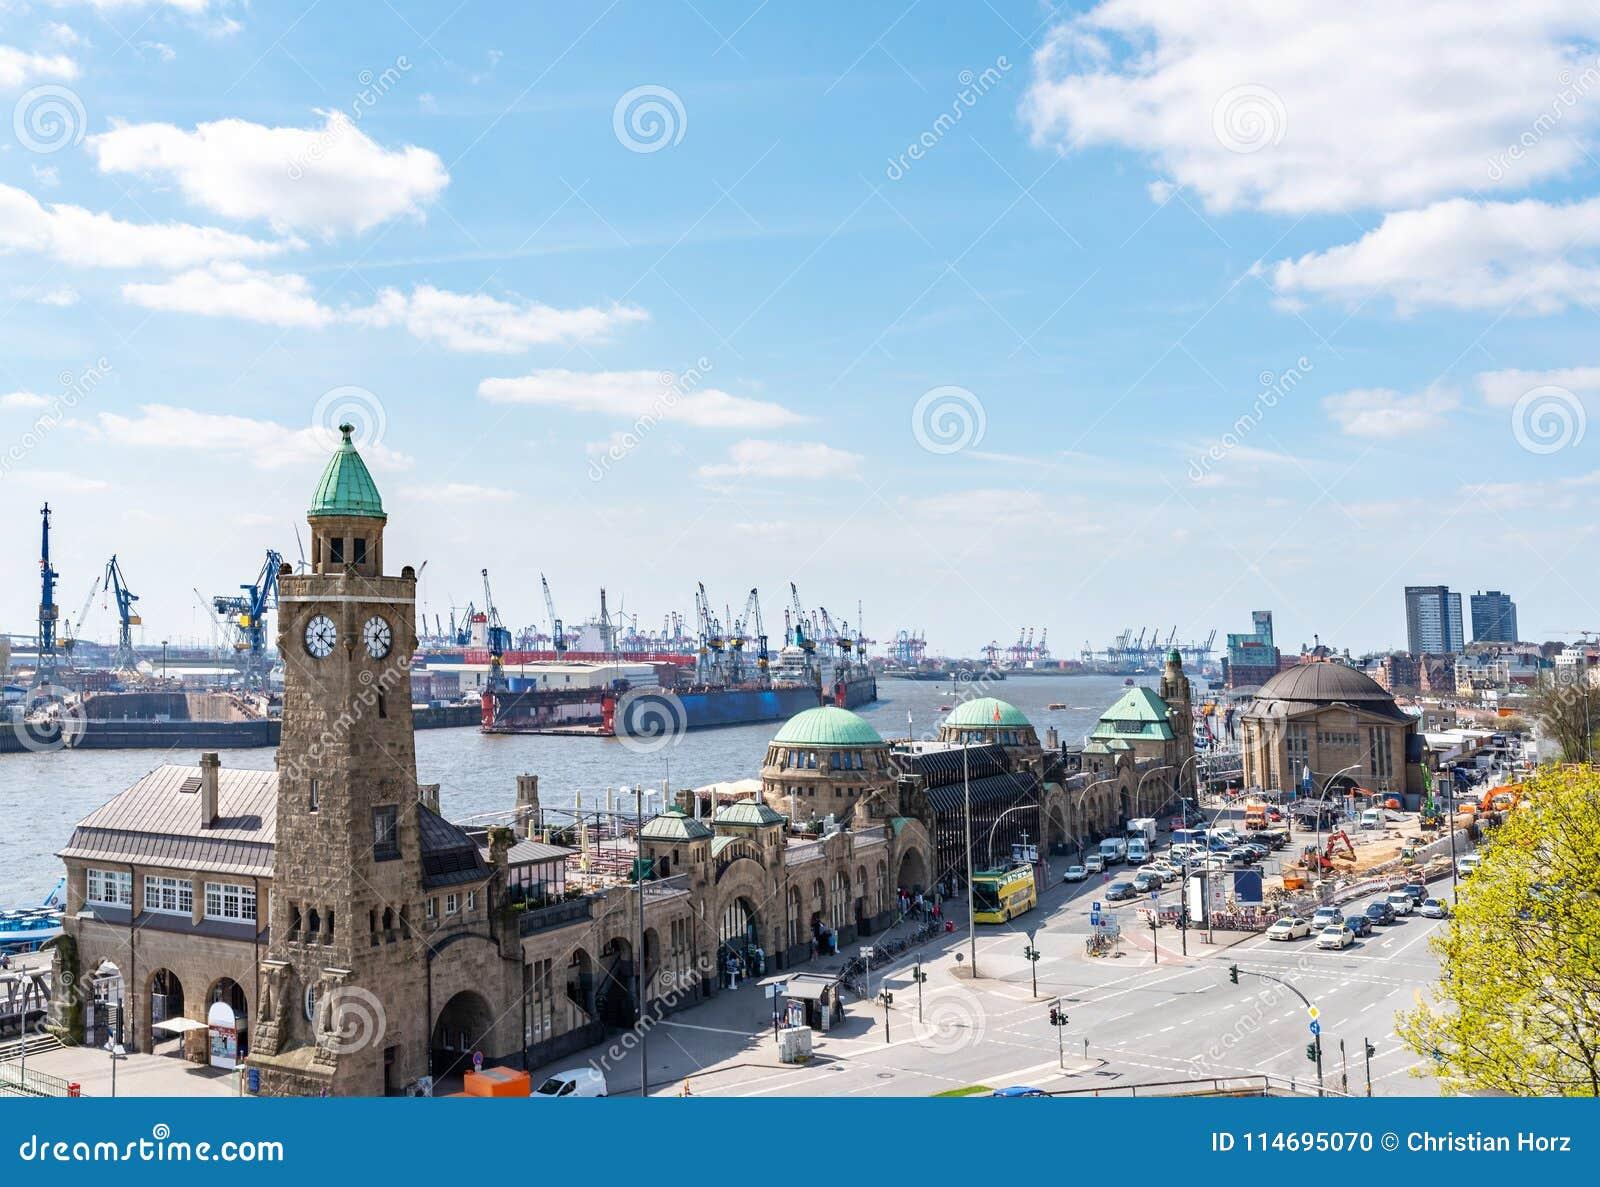 La opinión de alto ángulo de St Pauli Piers con el río Elba y el puerto atraca en Hamburgo